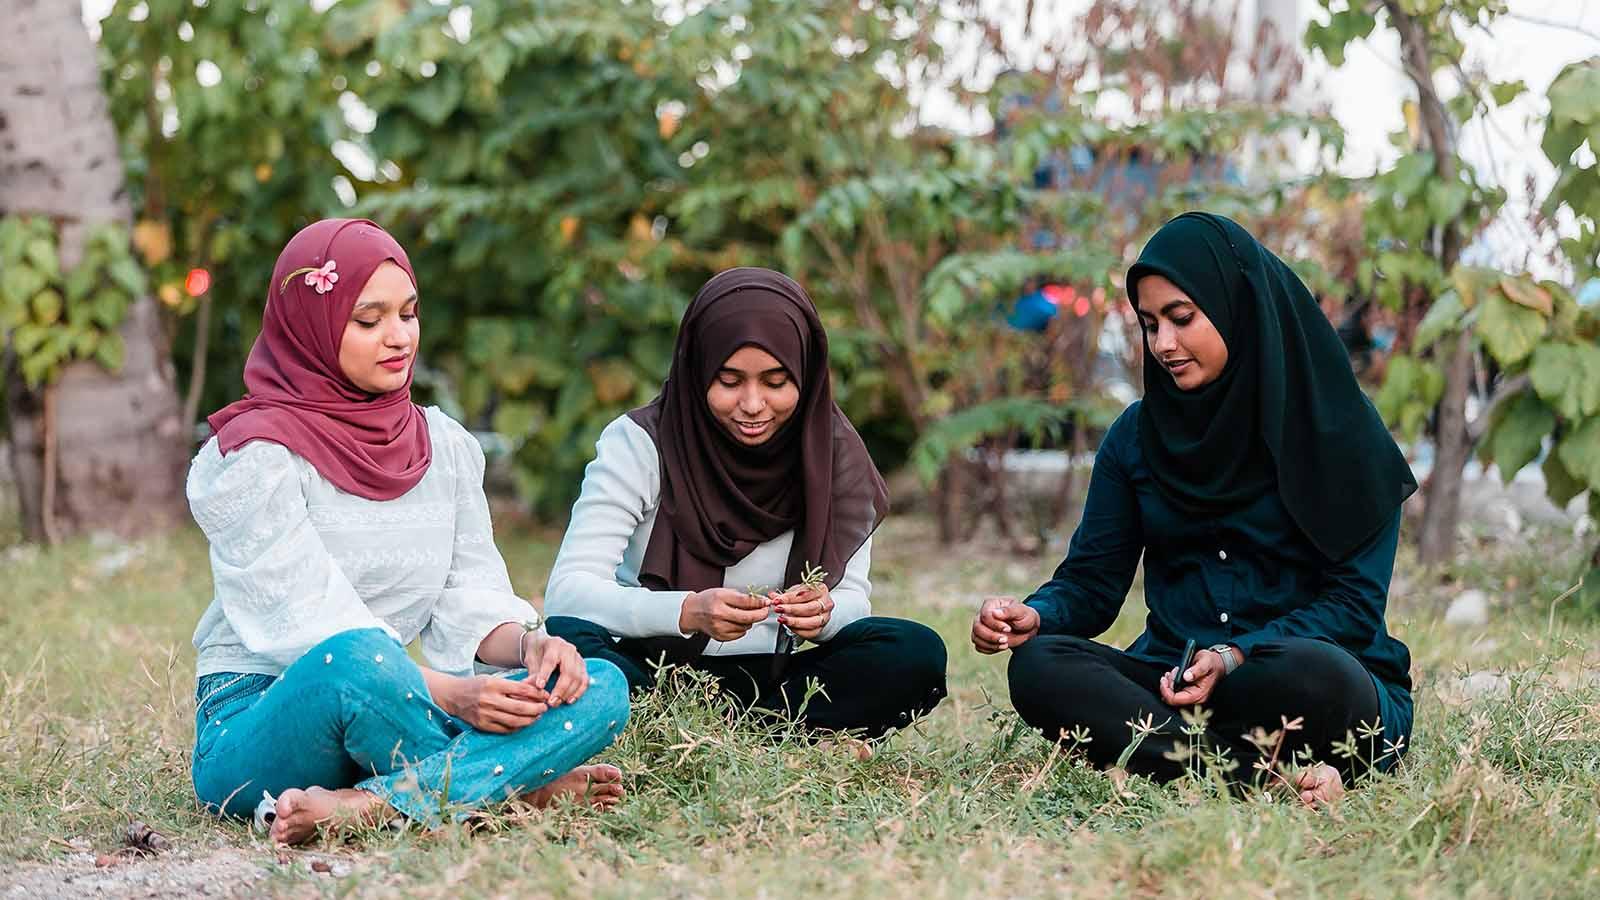 Muslim girls in a field.